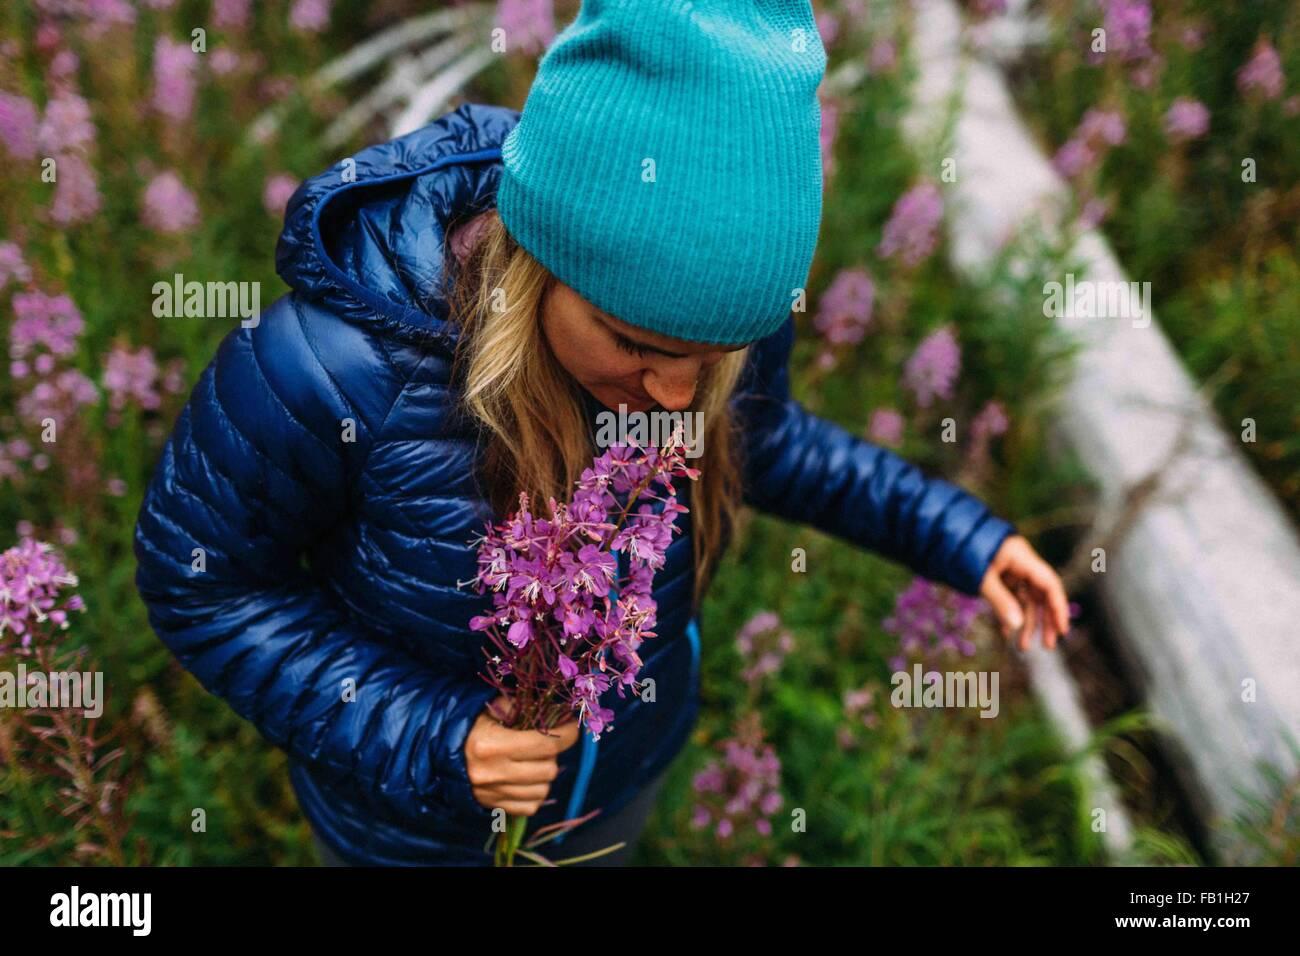 Elevato angolo visuale a metà donna adulta indossando rivestimento imbottito knit hat holding fiori selvatici Immagini Stock